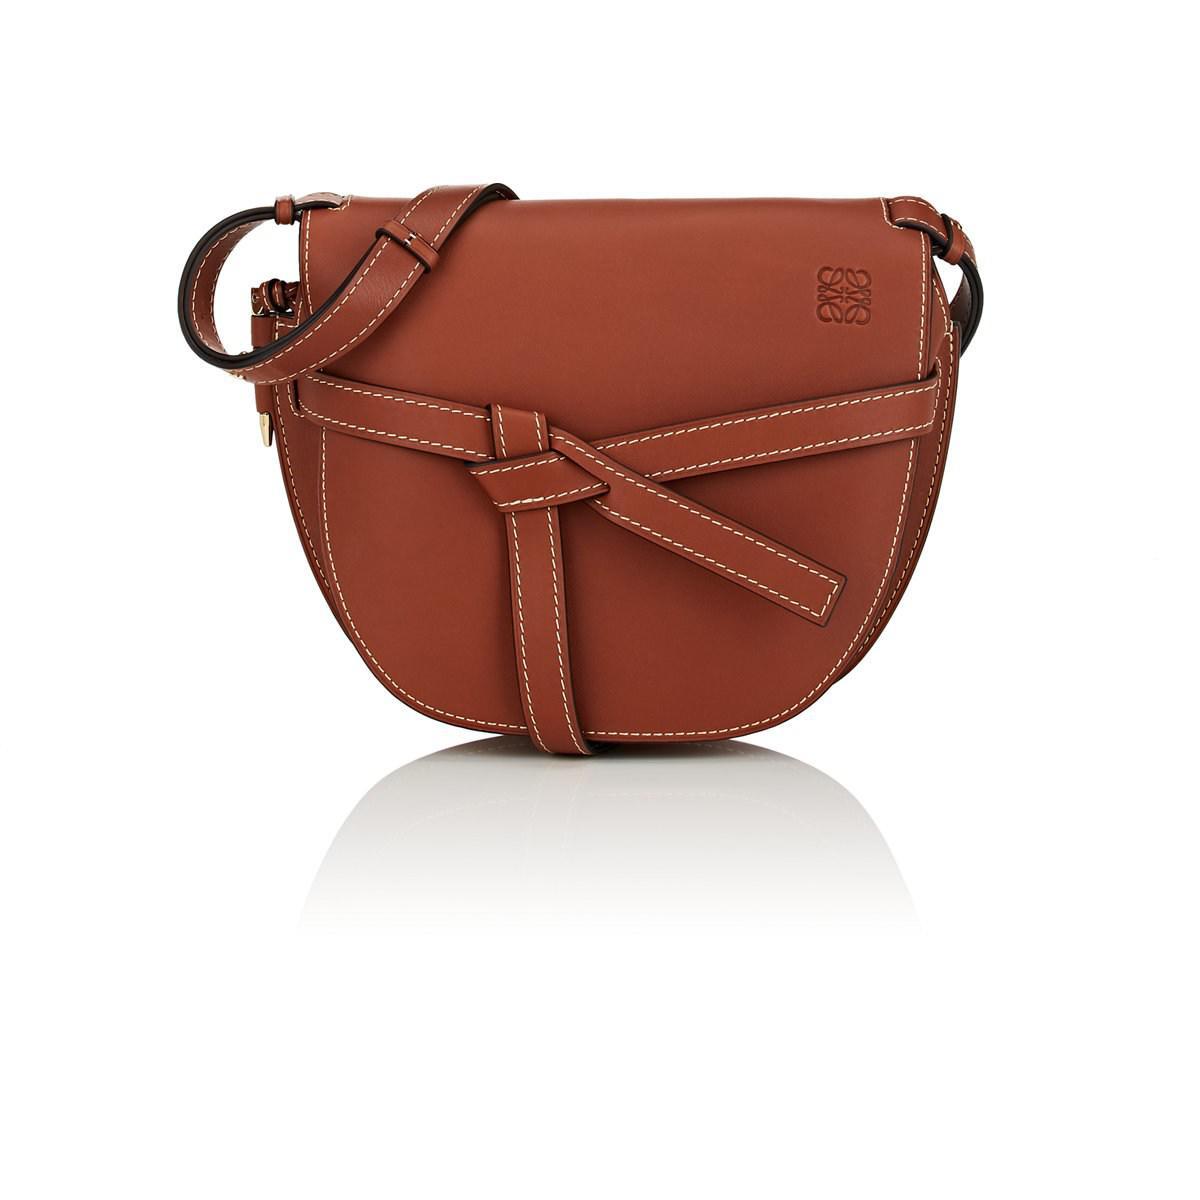 Lyst - Loewe Gate Large Leather Shoulder Bag in Brown 21590876c90b7